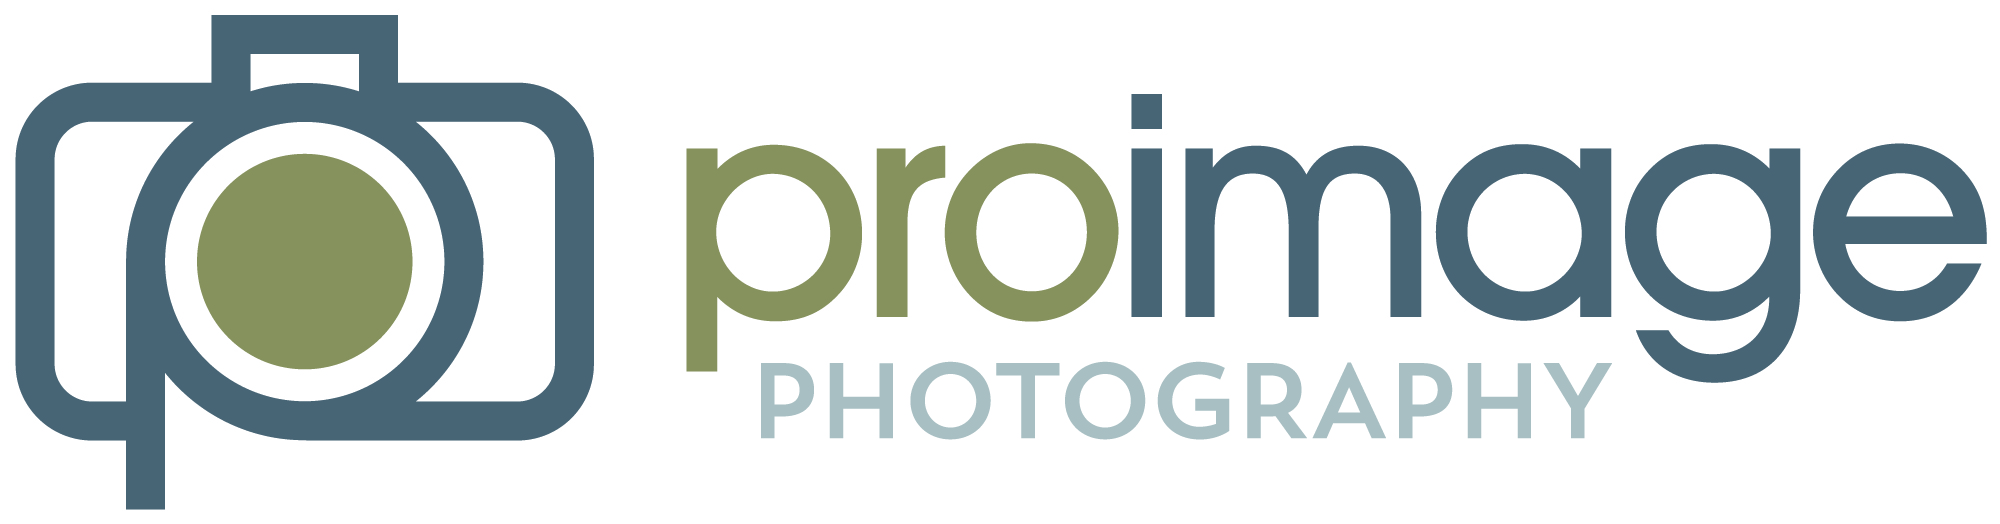 Pro Image Photography of Idaho, LLC